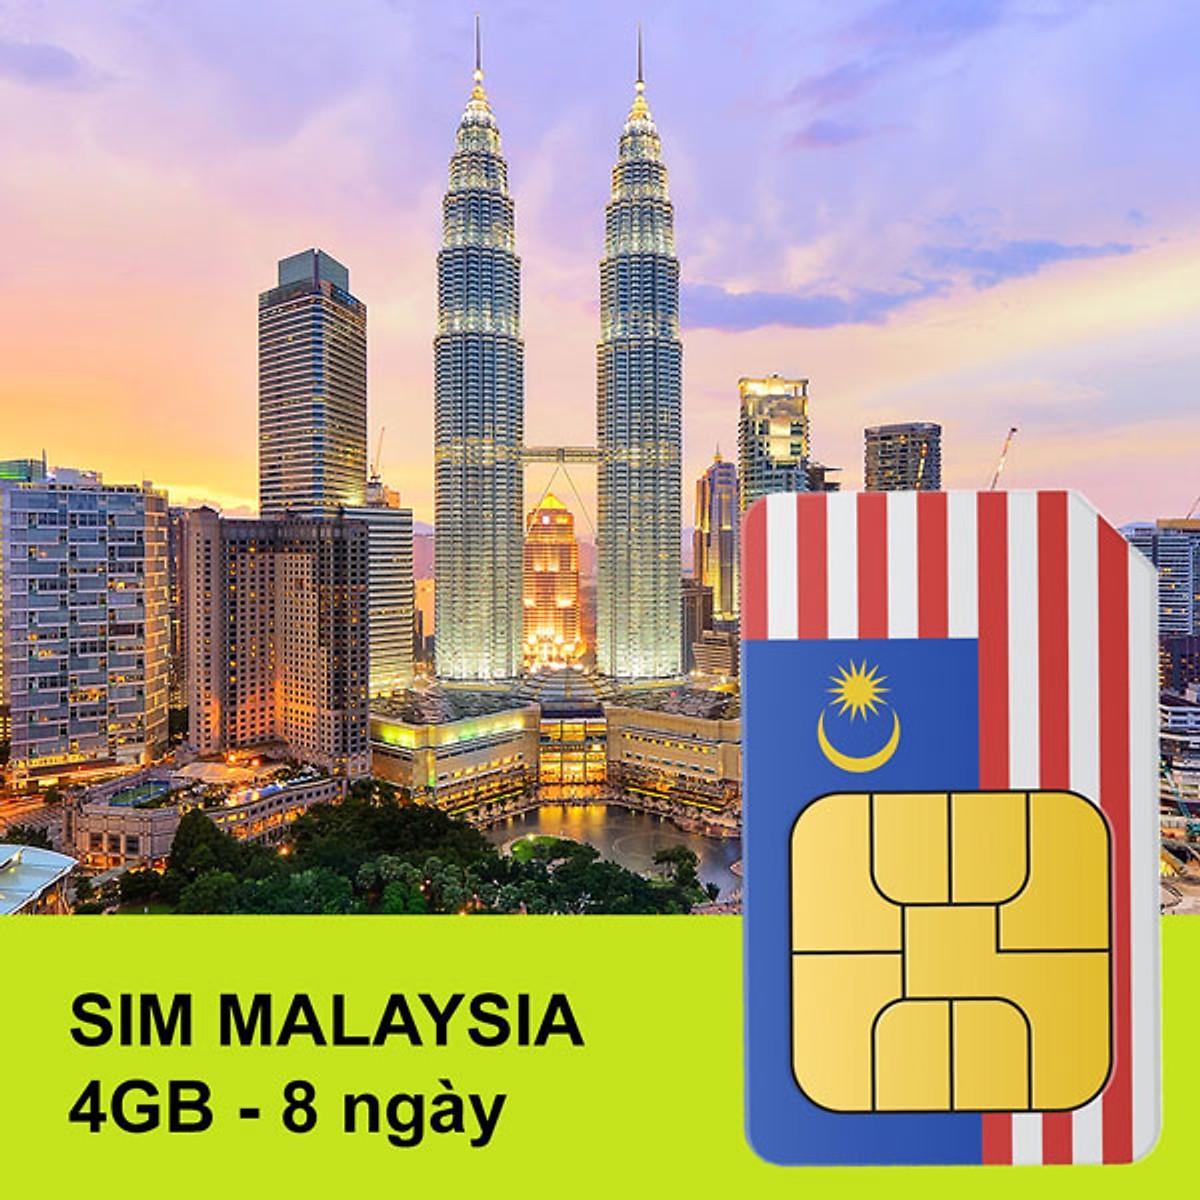 A-H SIM DU LỊCH MALAYSIA -08 NGÀY SỬ DỤNG KHÔNG HẠ BĂNG THÔNG - TỐC ĐỘ CAO KHÔNG GIỚI HẠN 4G